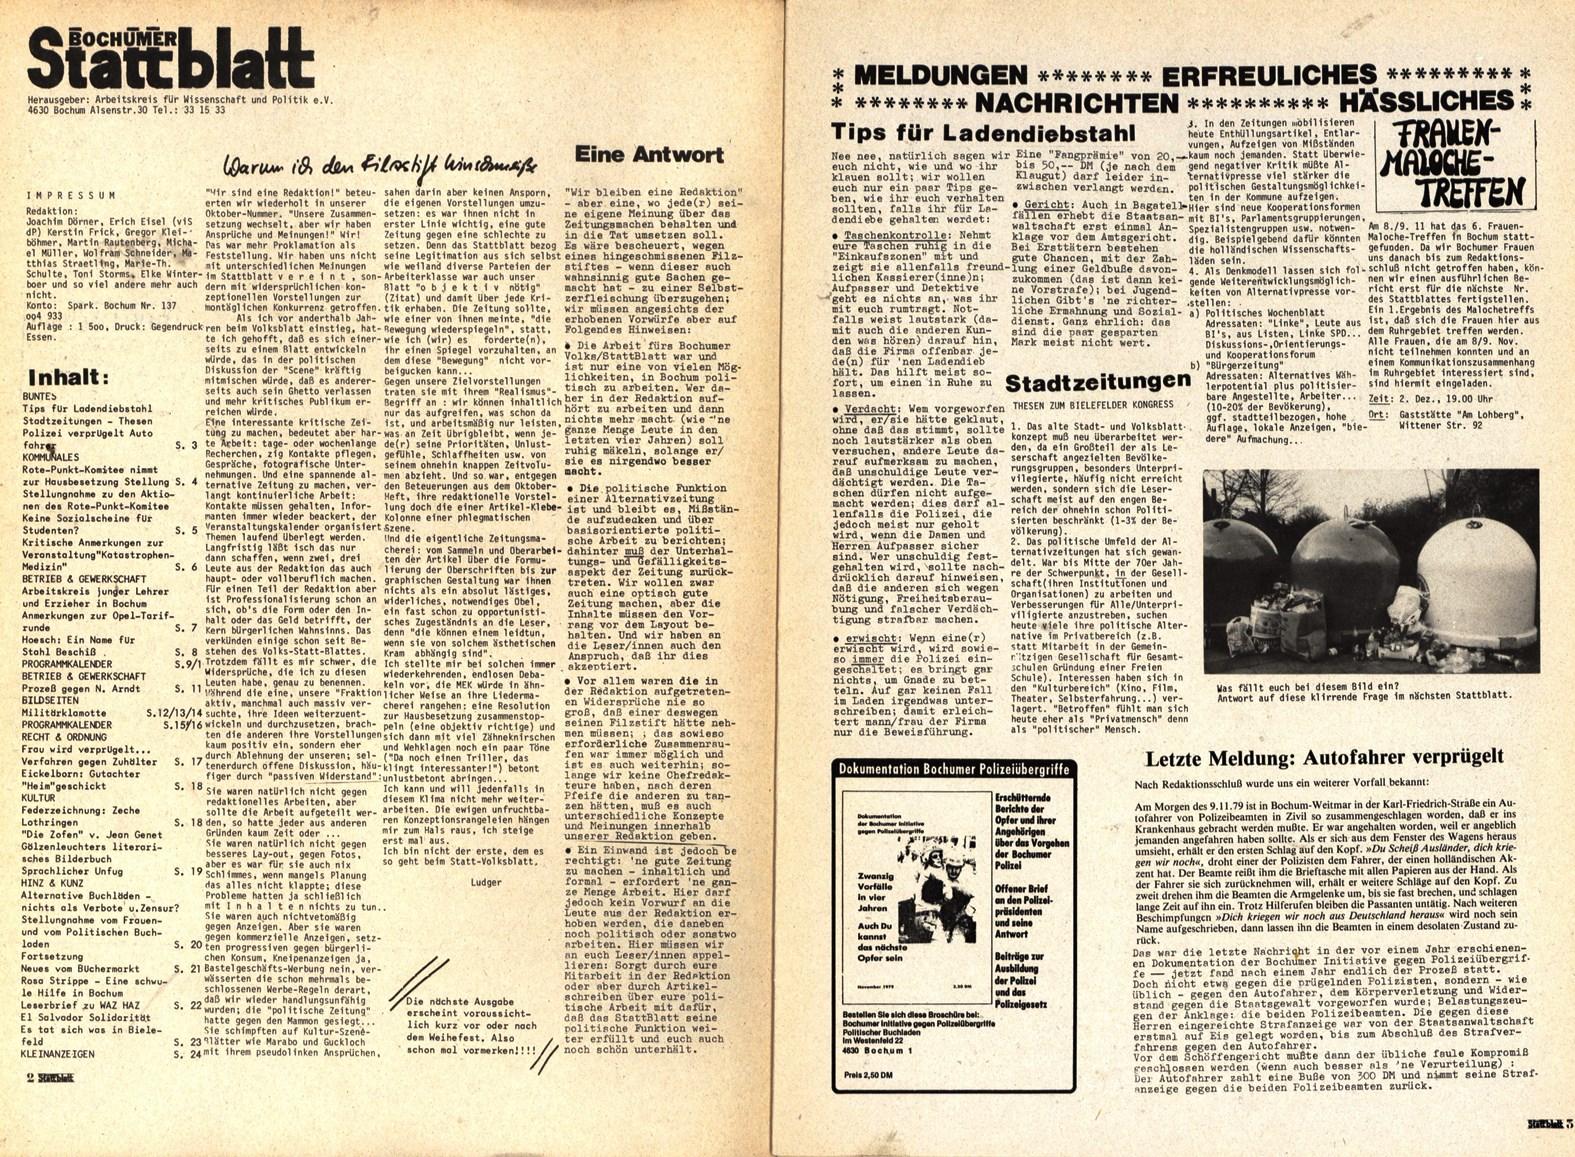 Bochum_Stattblatt_19801200_43_02